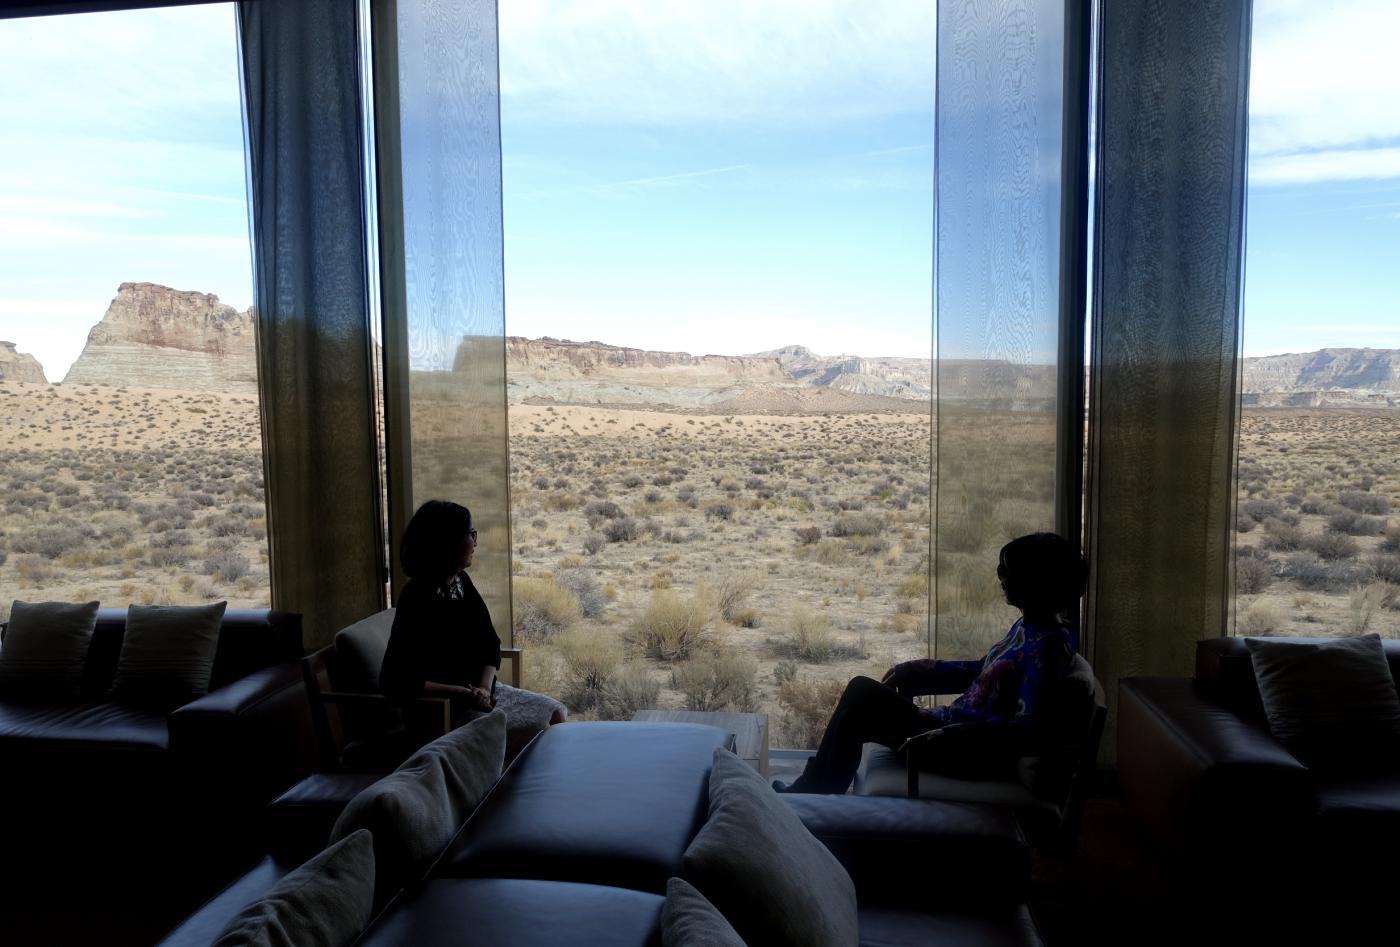 在渺无人烟的大沙漠中如何自得其乐_图1-6